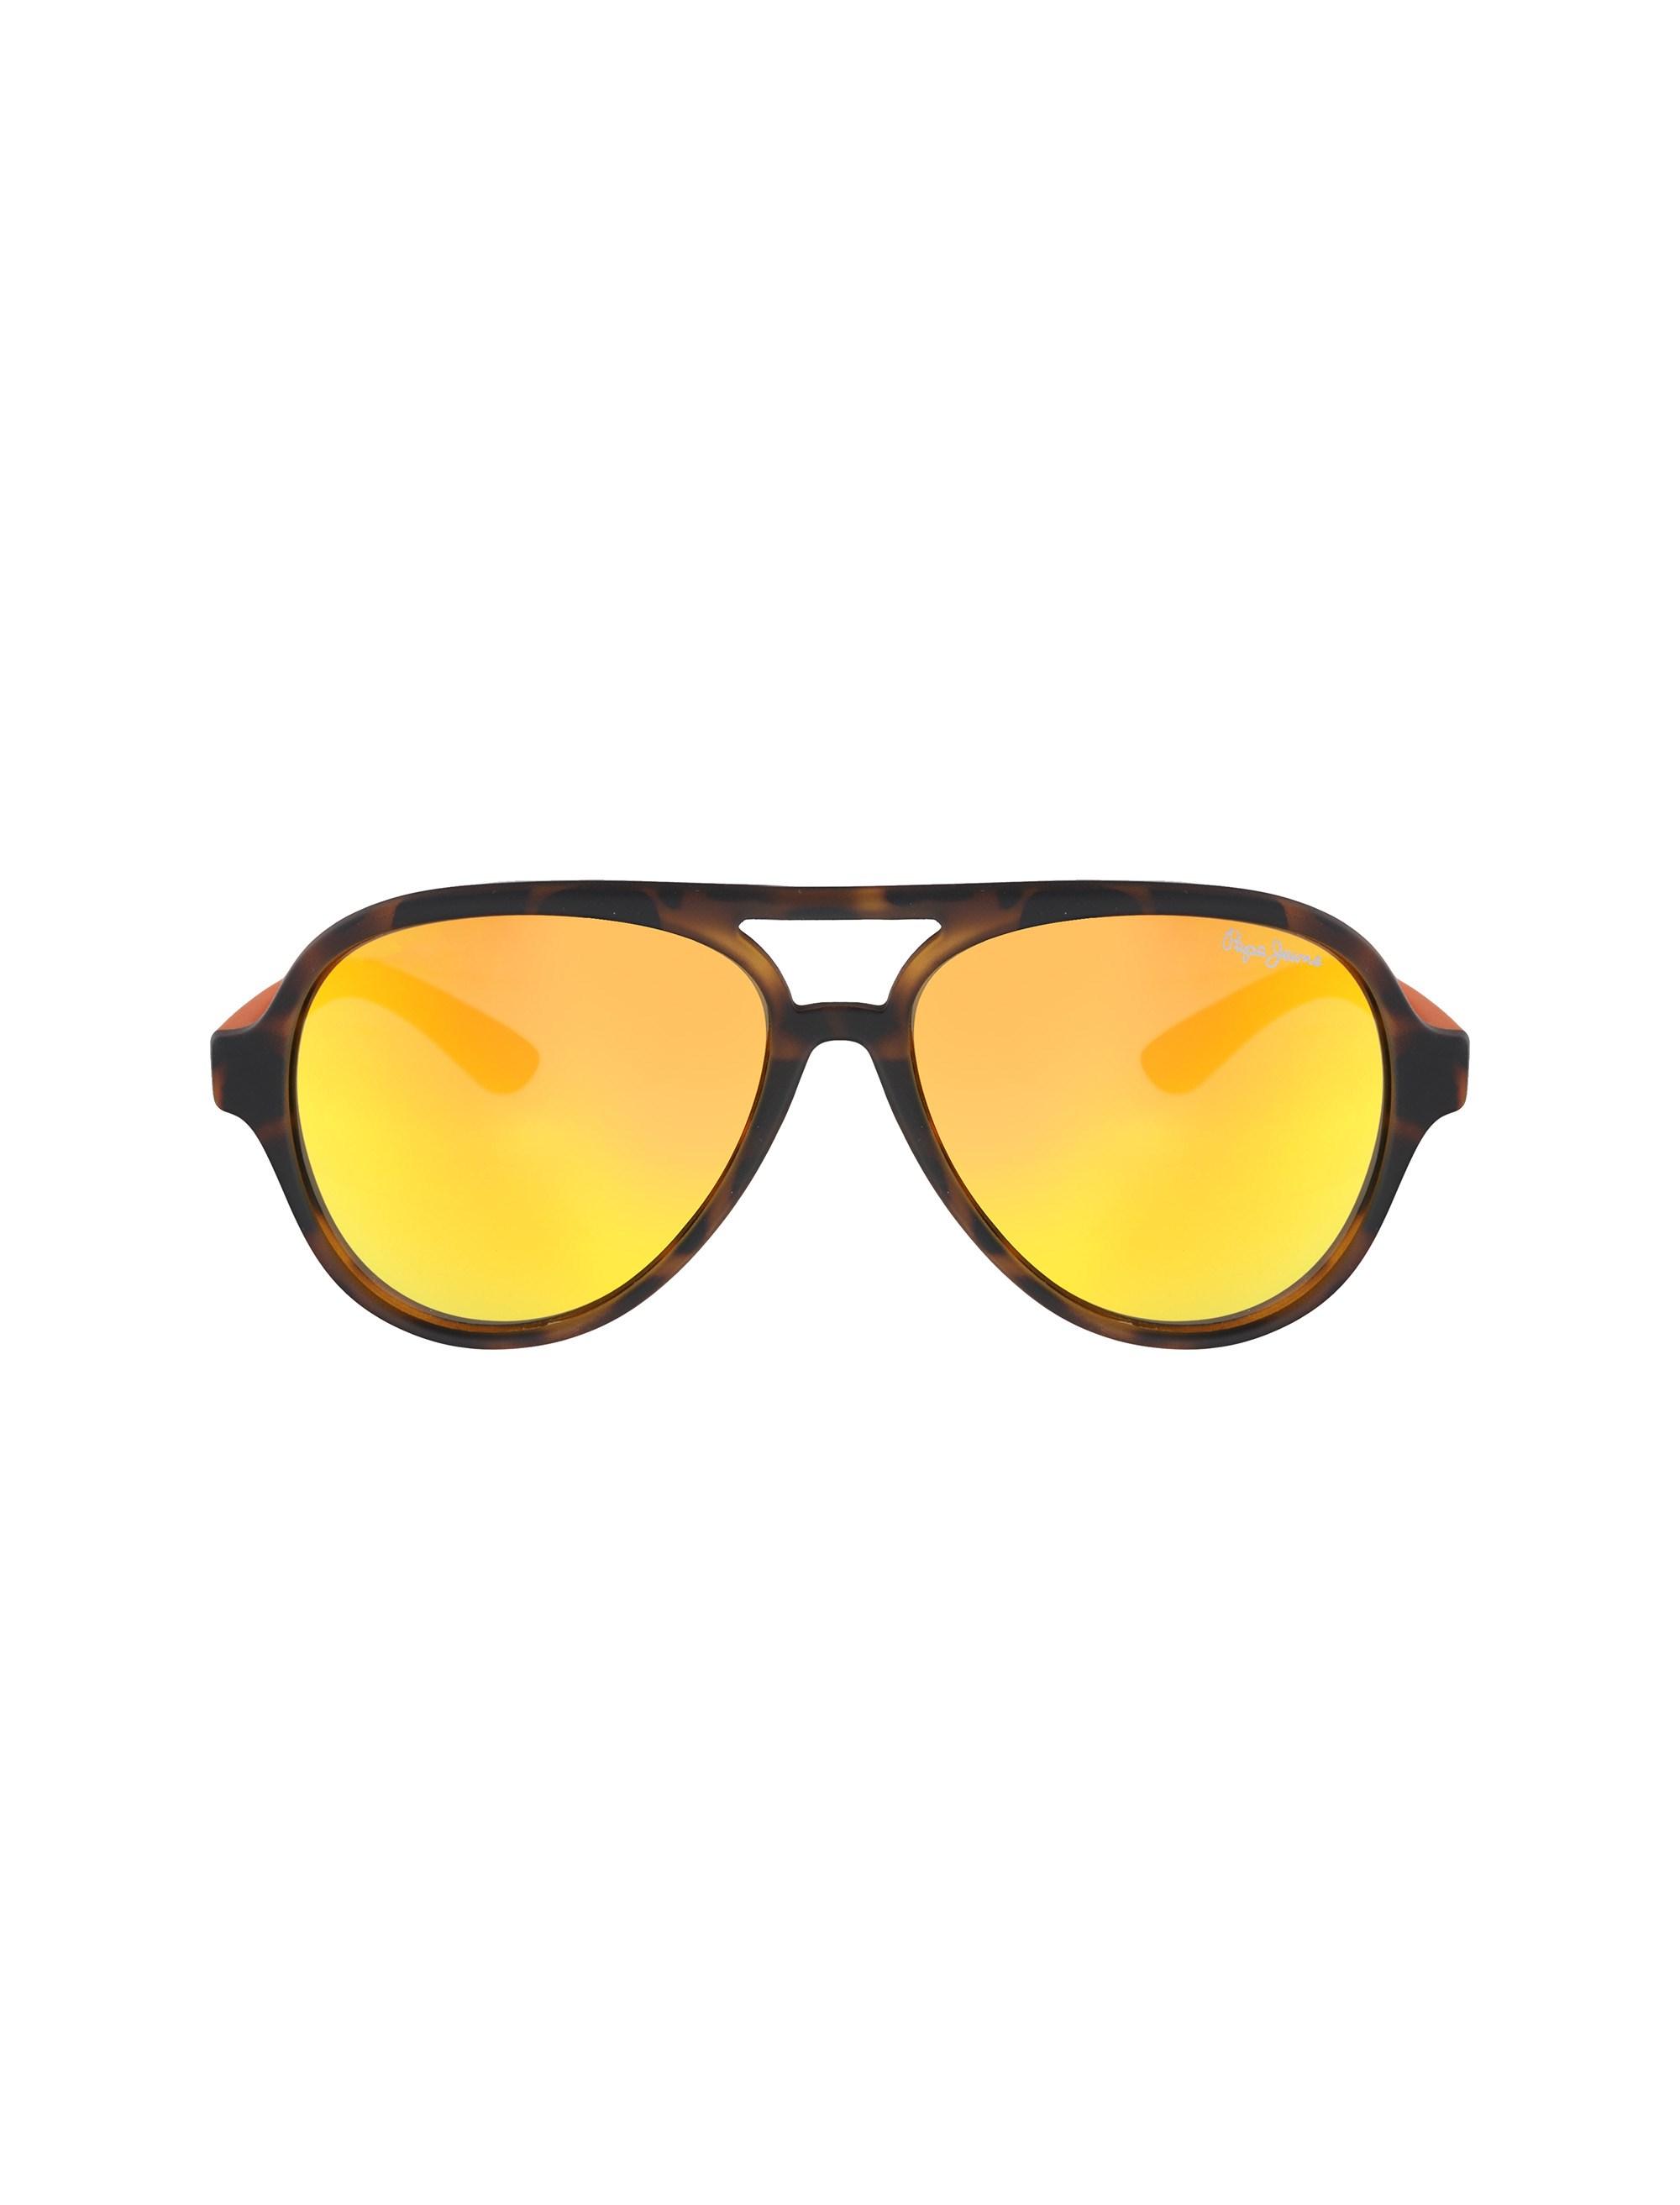 عینک آفتابی خلبانی بچگانه - پپه جینز